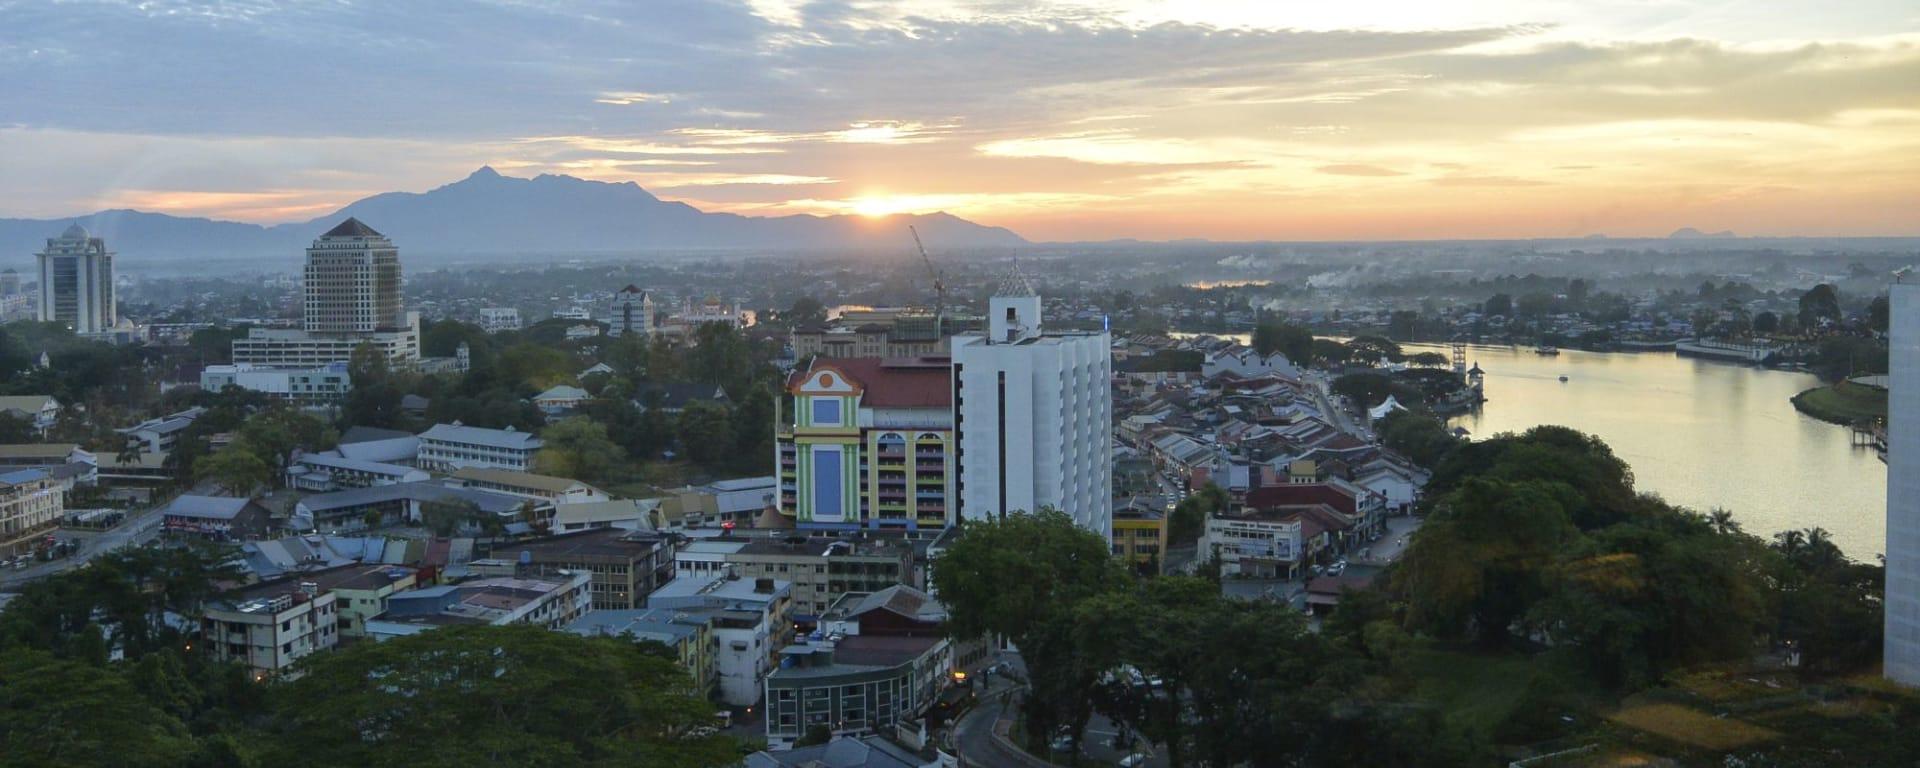 Höhepunkte Borneos ab Kuching: Kuching